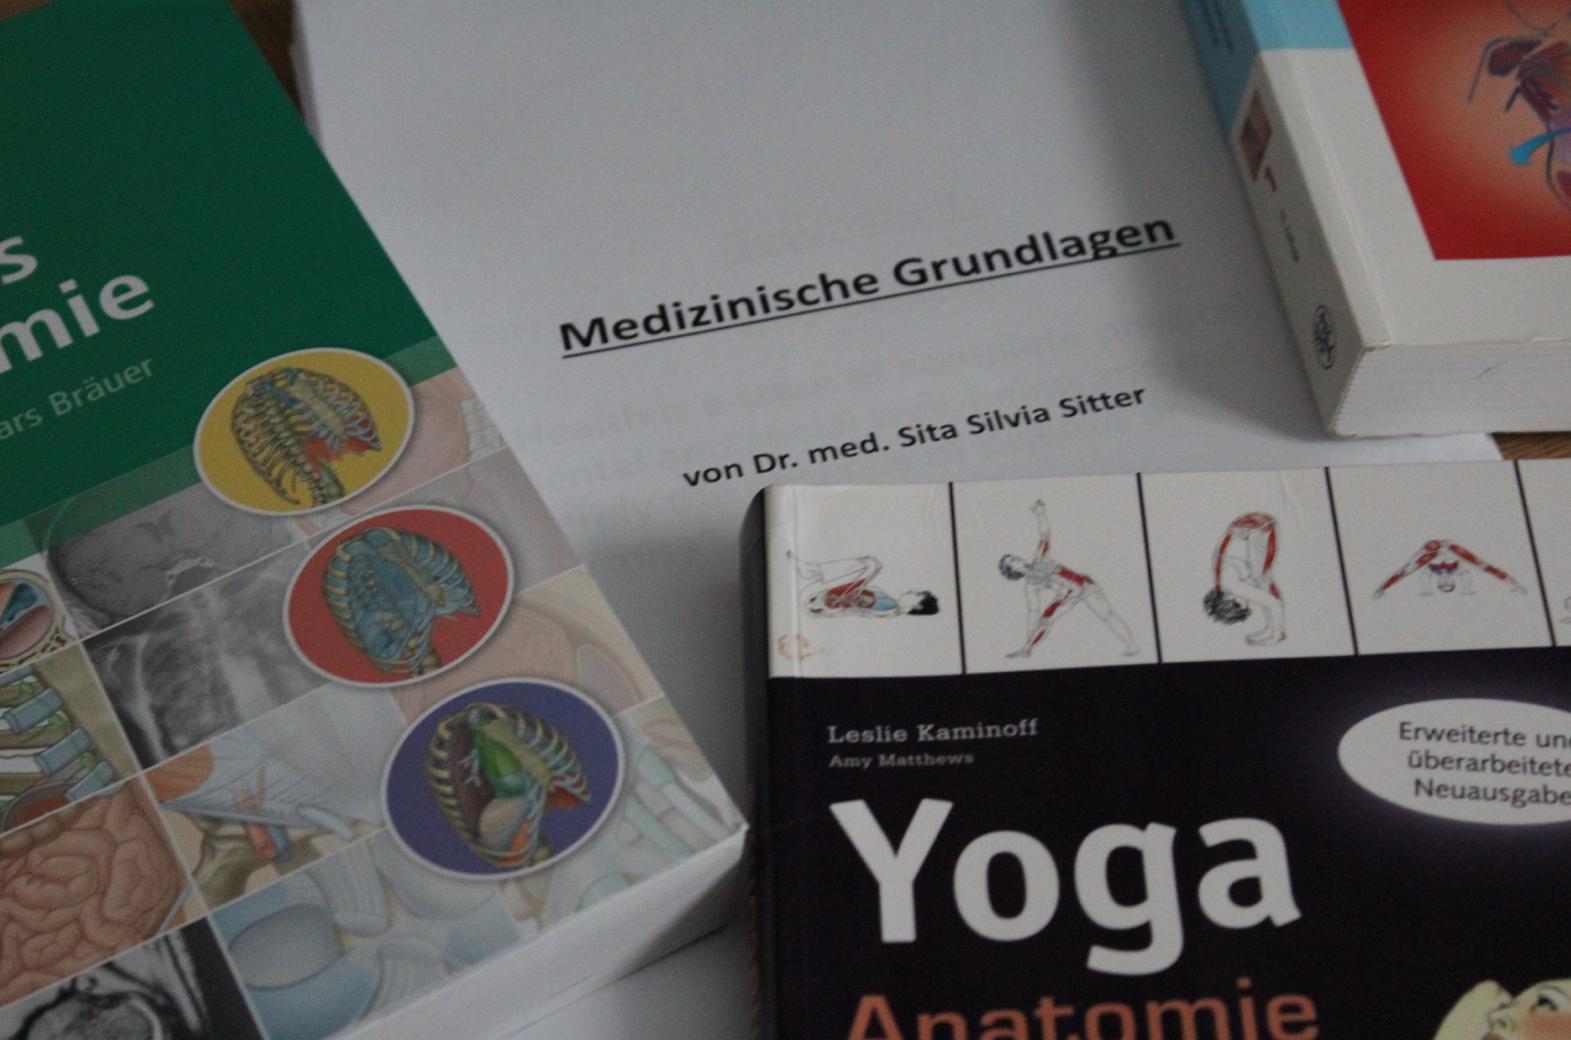 1 Yoga Anatomie Ausbildung